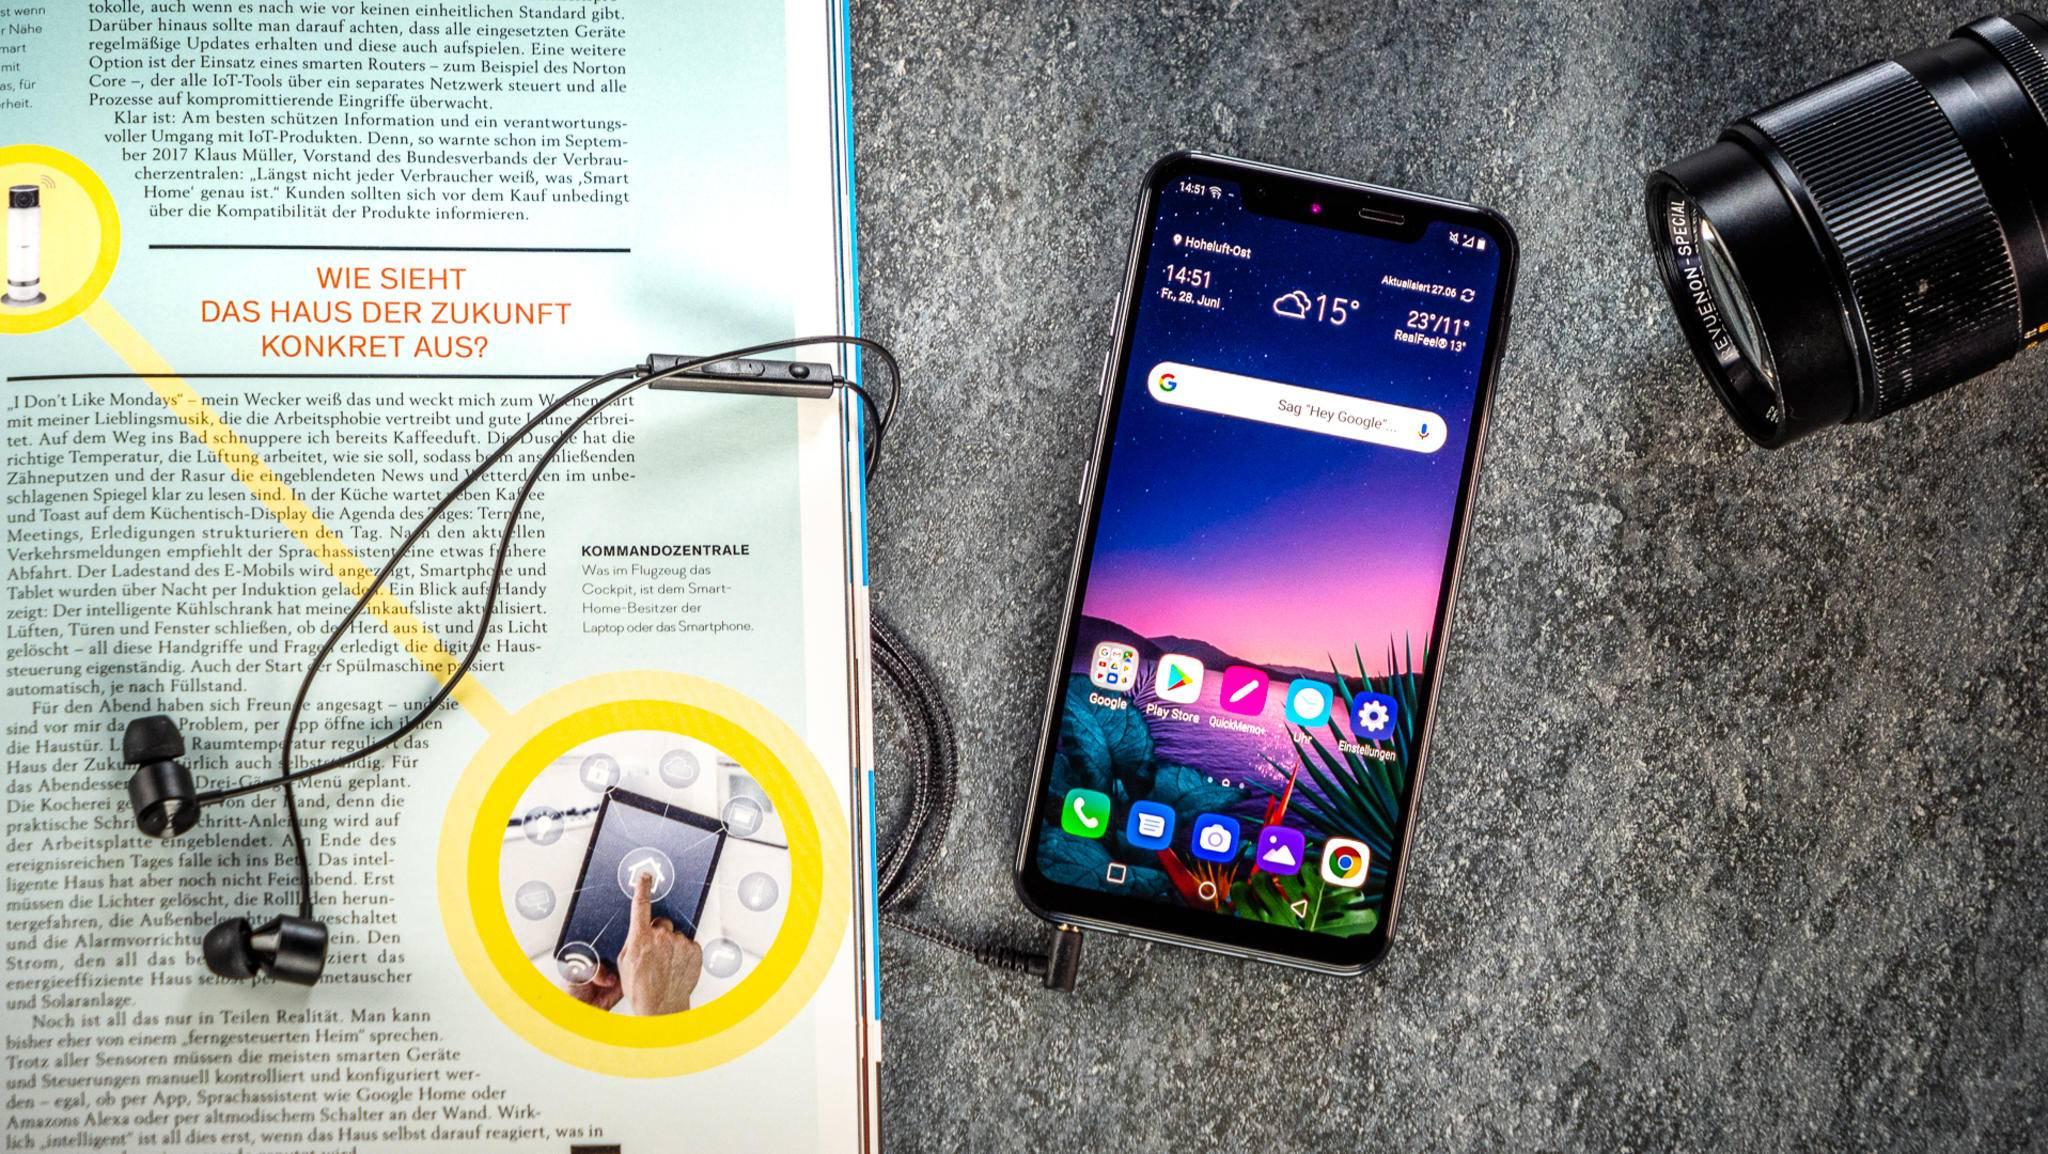 Das LG G8S ThinQ ist ein LG G8 mit einigen Abstrichen und zusätzlicher Kamera.